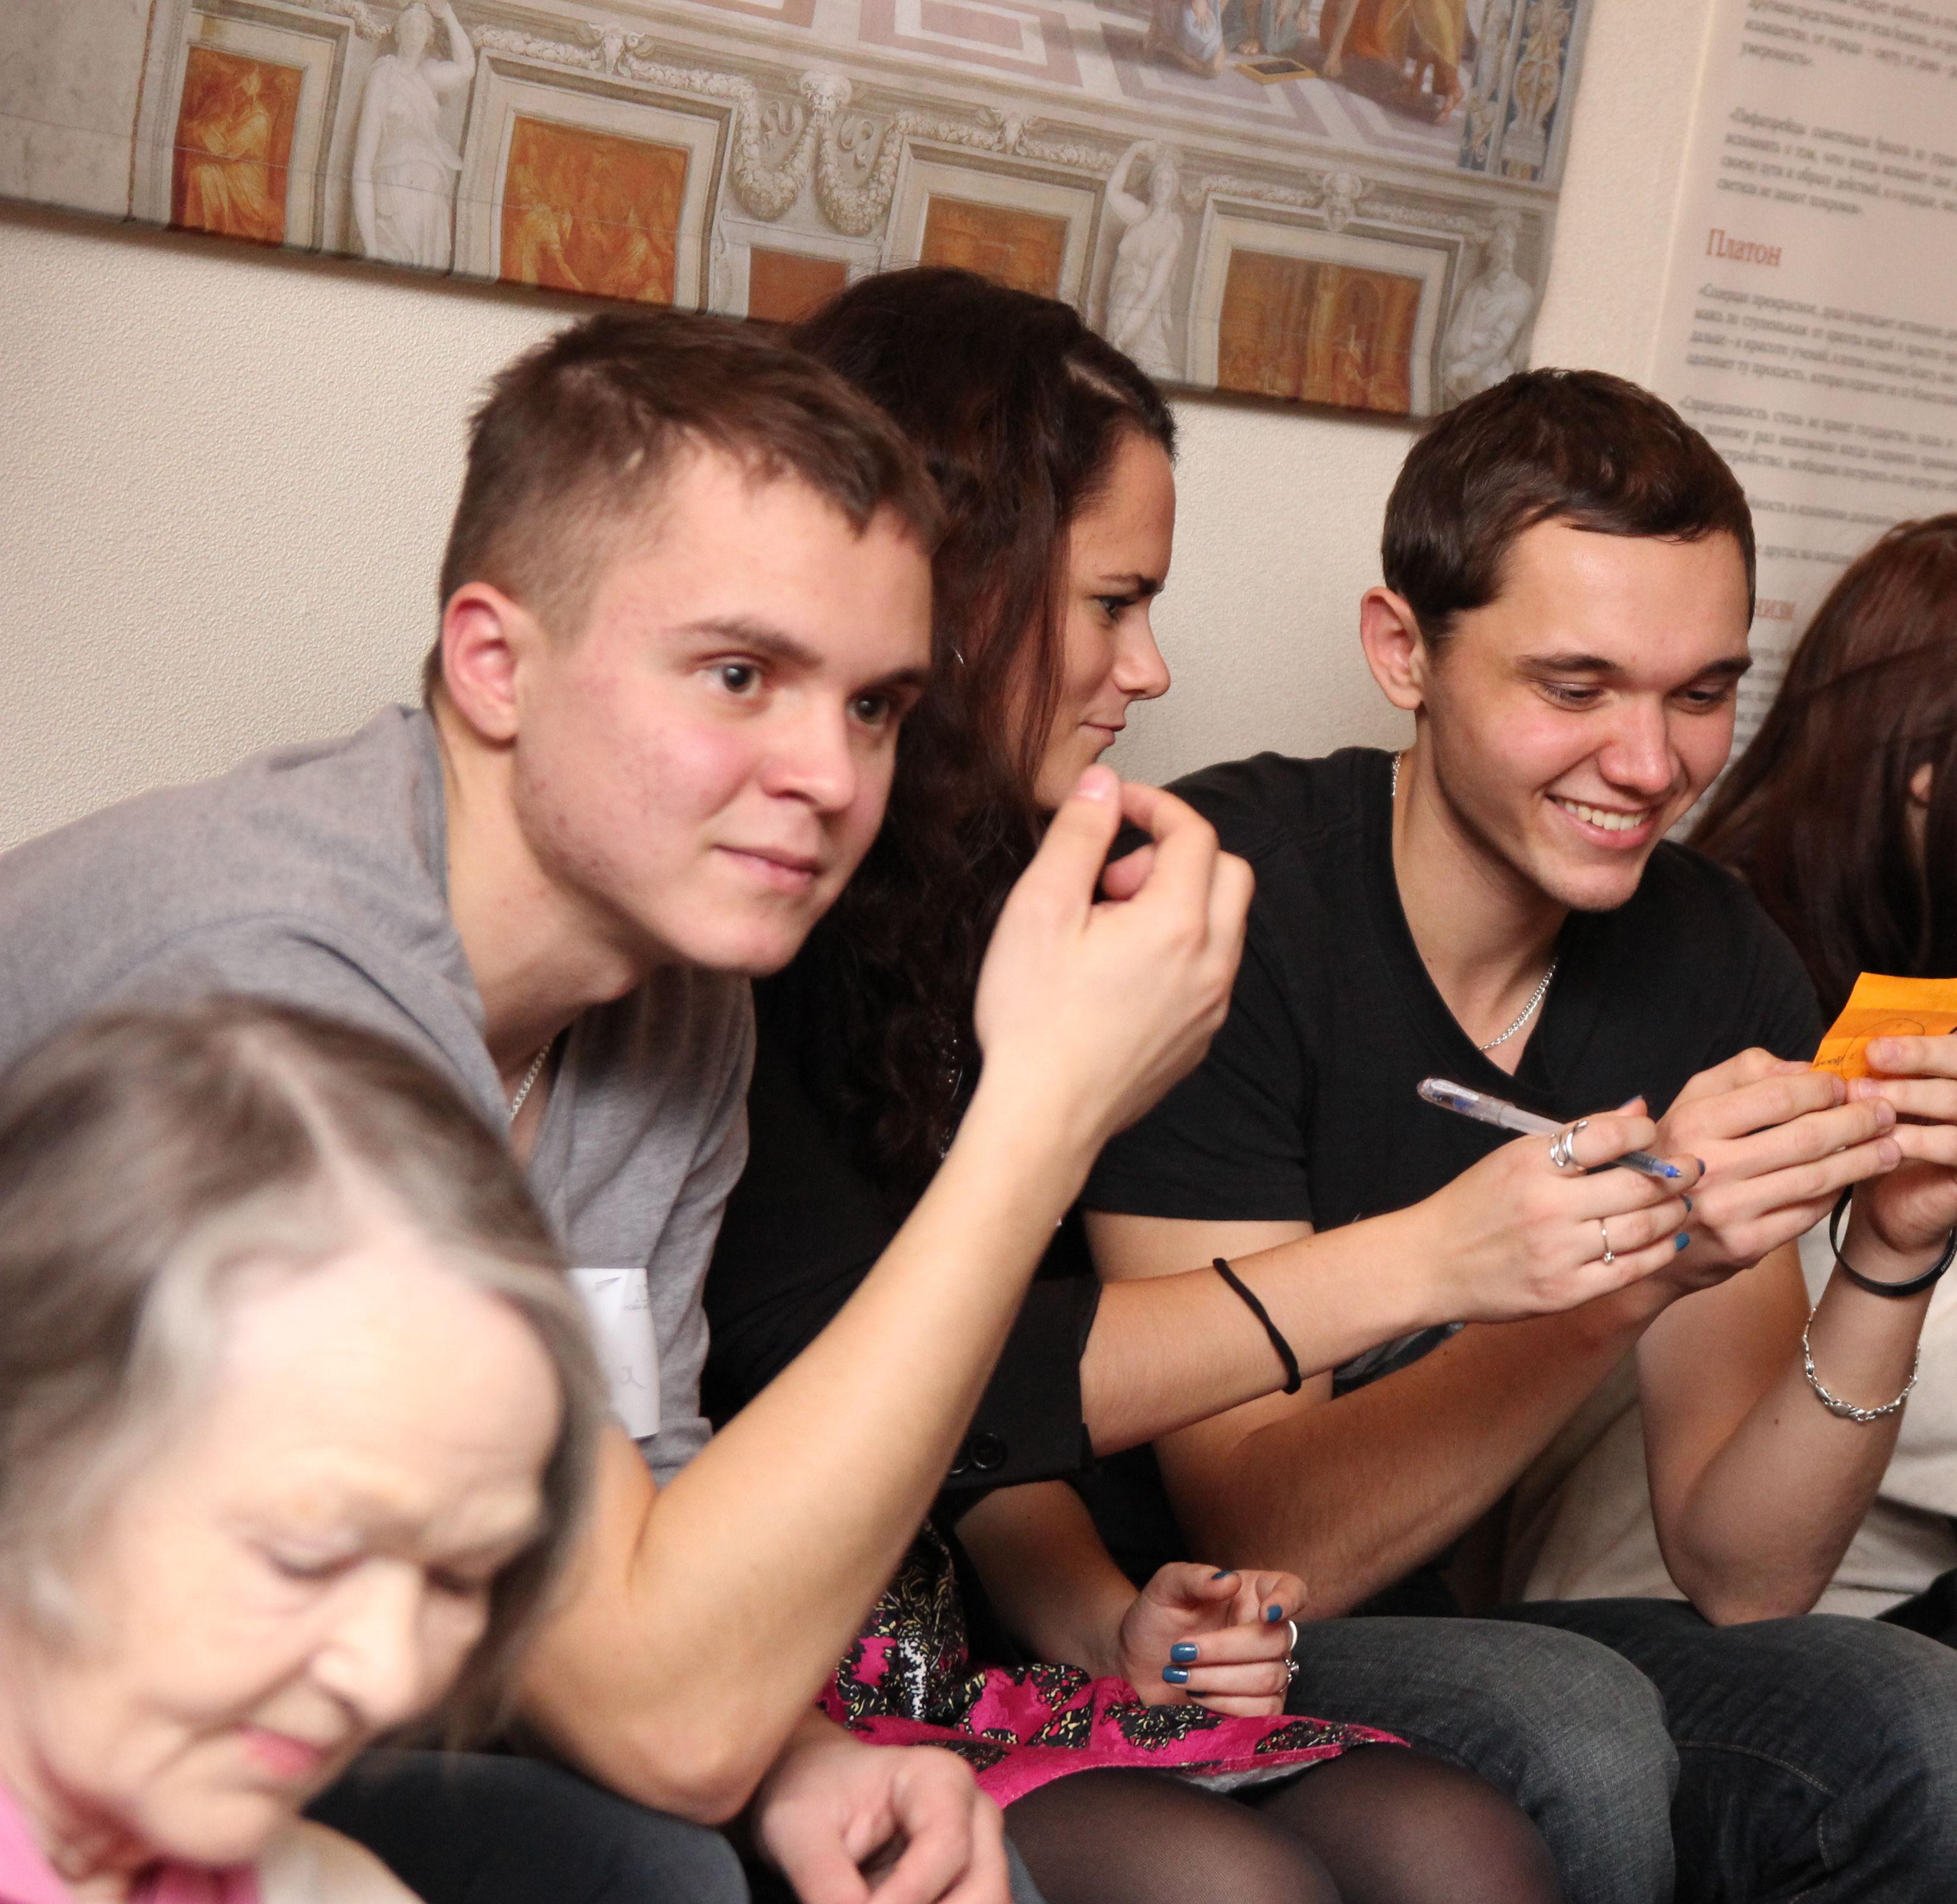 Студенческая вечеринка конкурсы 14 фотография